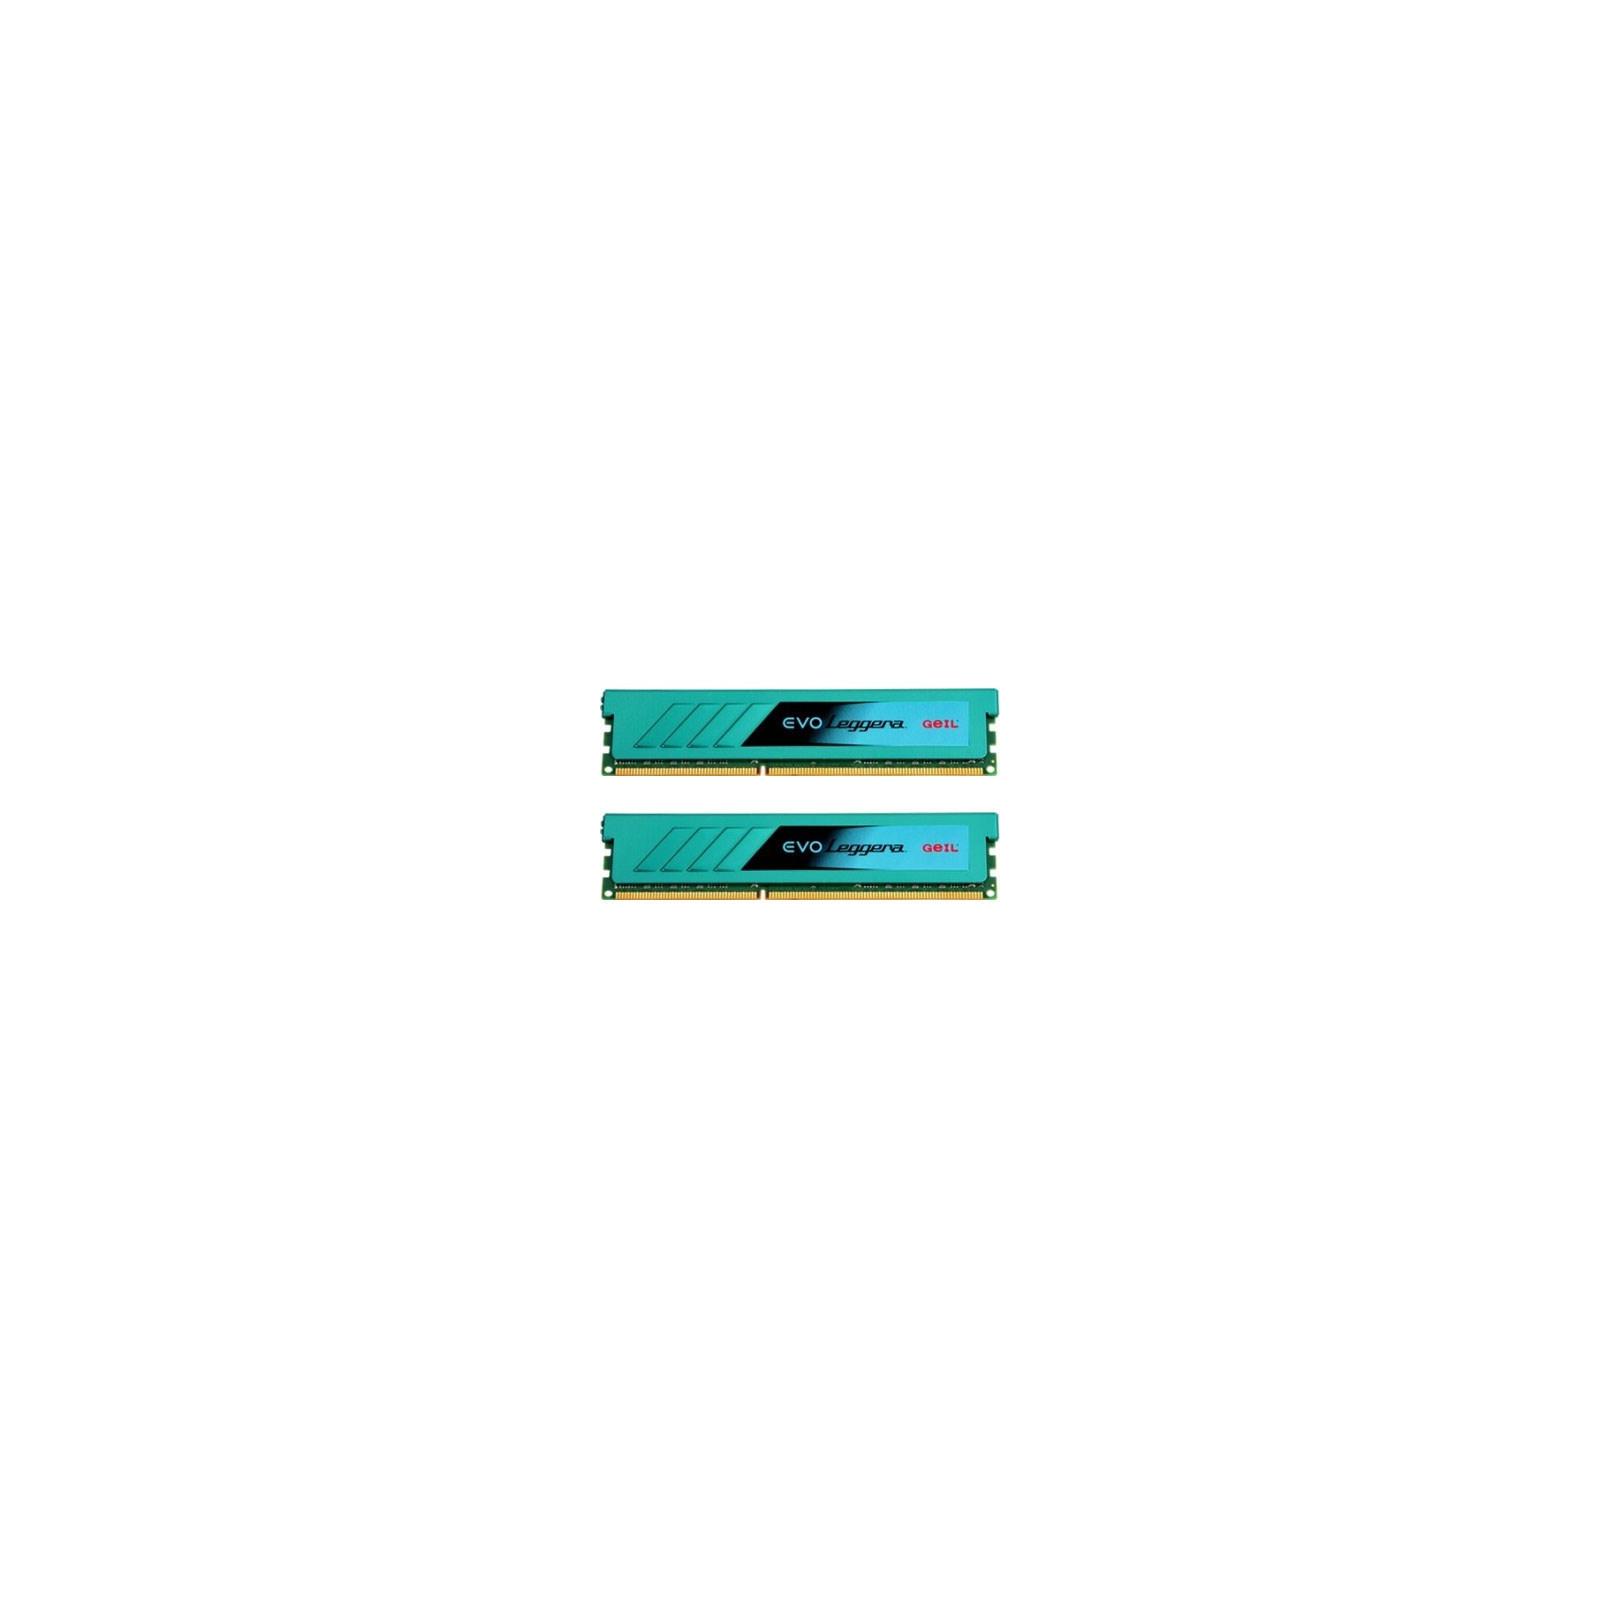 Модуль памяти для компьютера DDR3 8GB (2x4GB) 2133 MHz GEIL (GEL38GB2133C11DC)